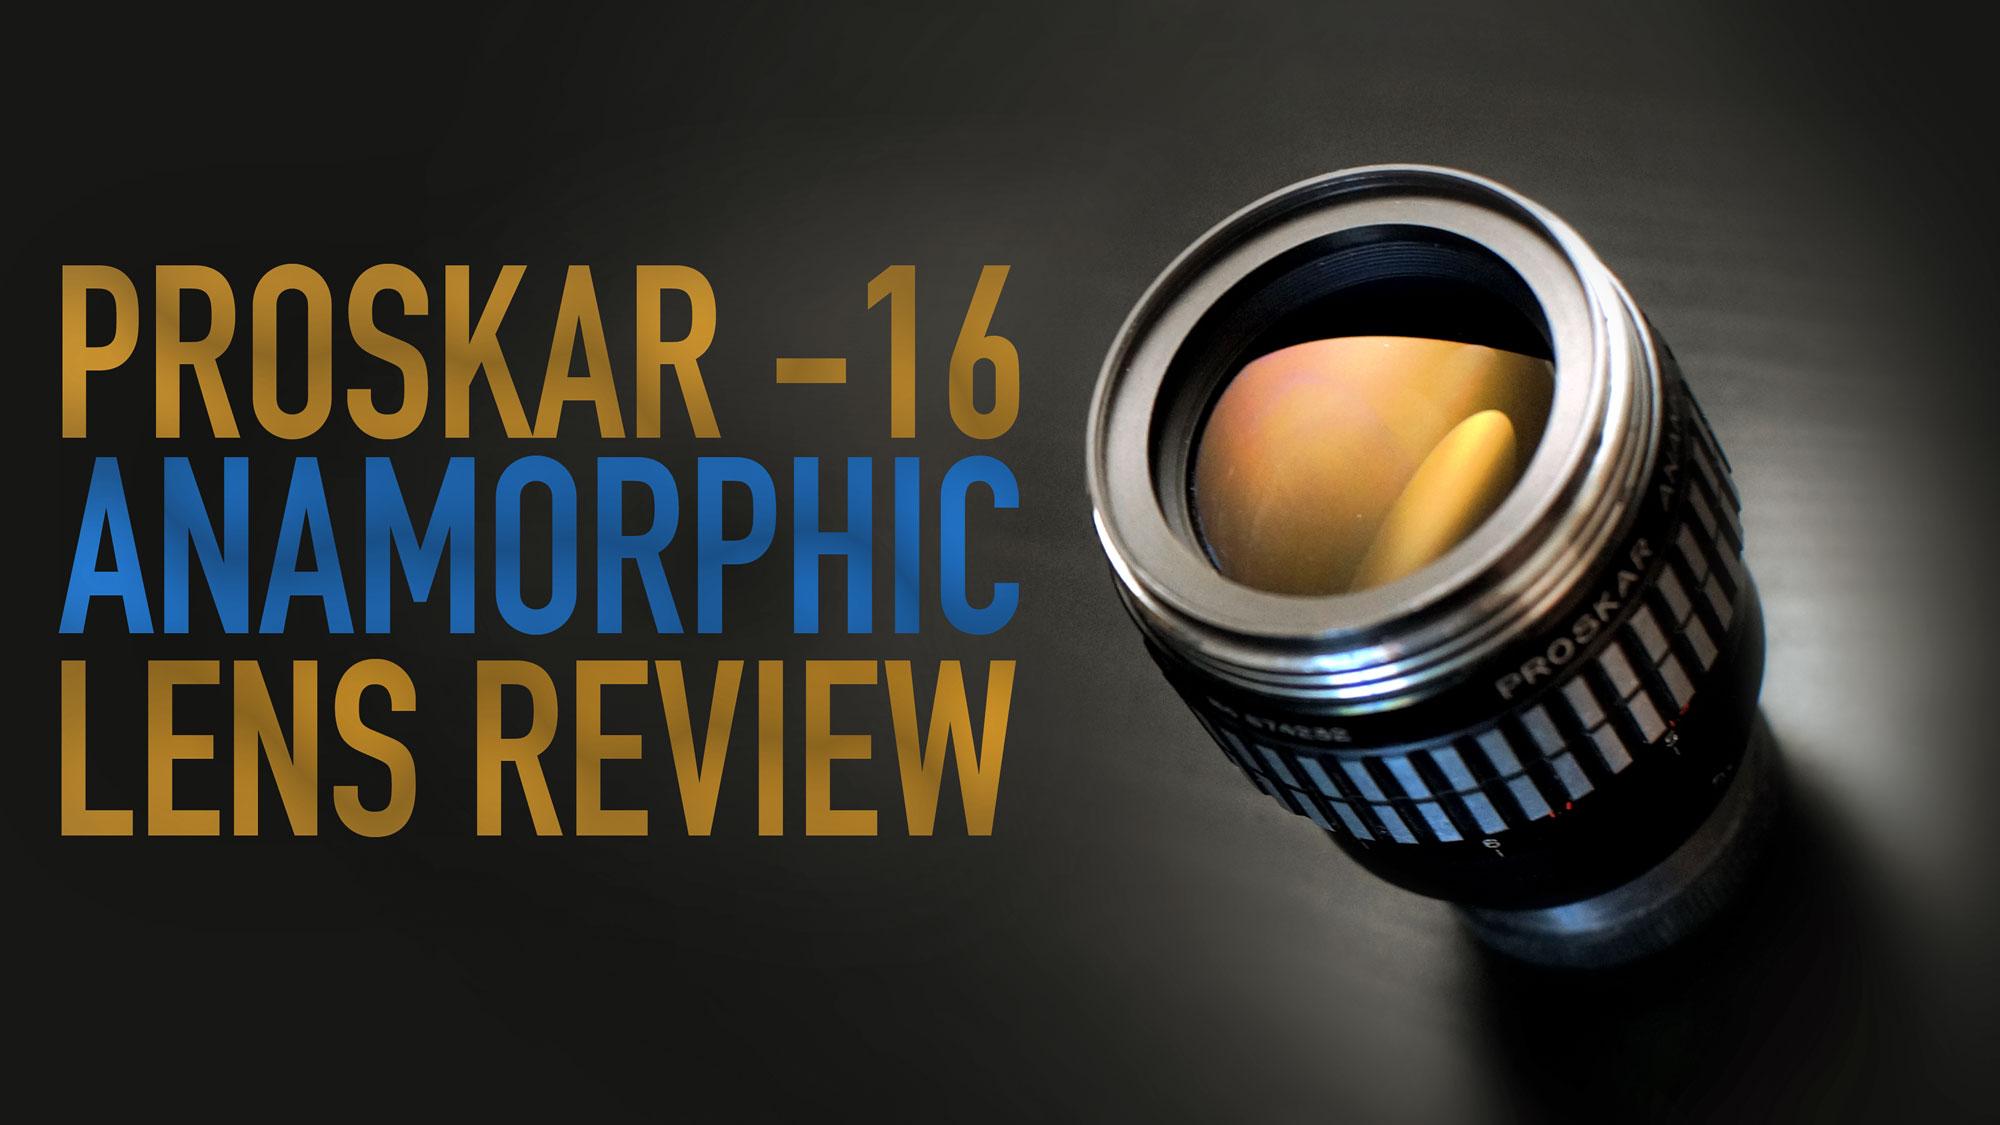 PROSKAR-16 Anamorphic Lens Review